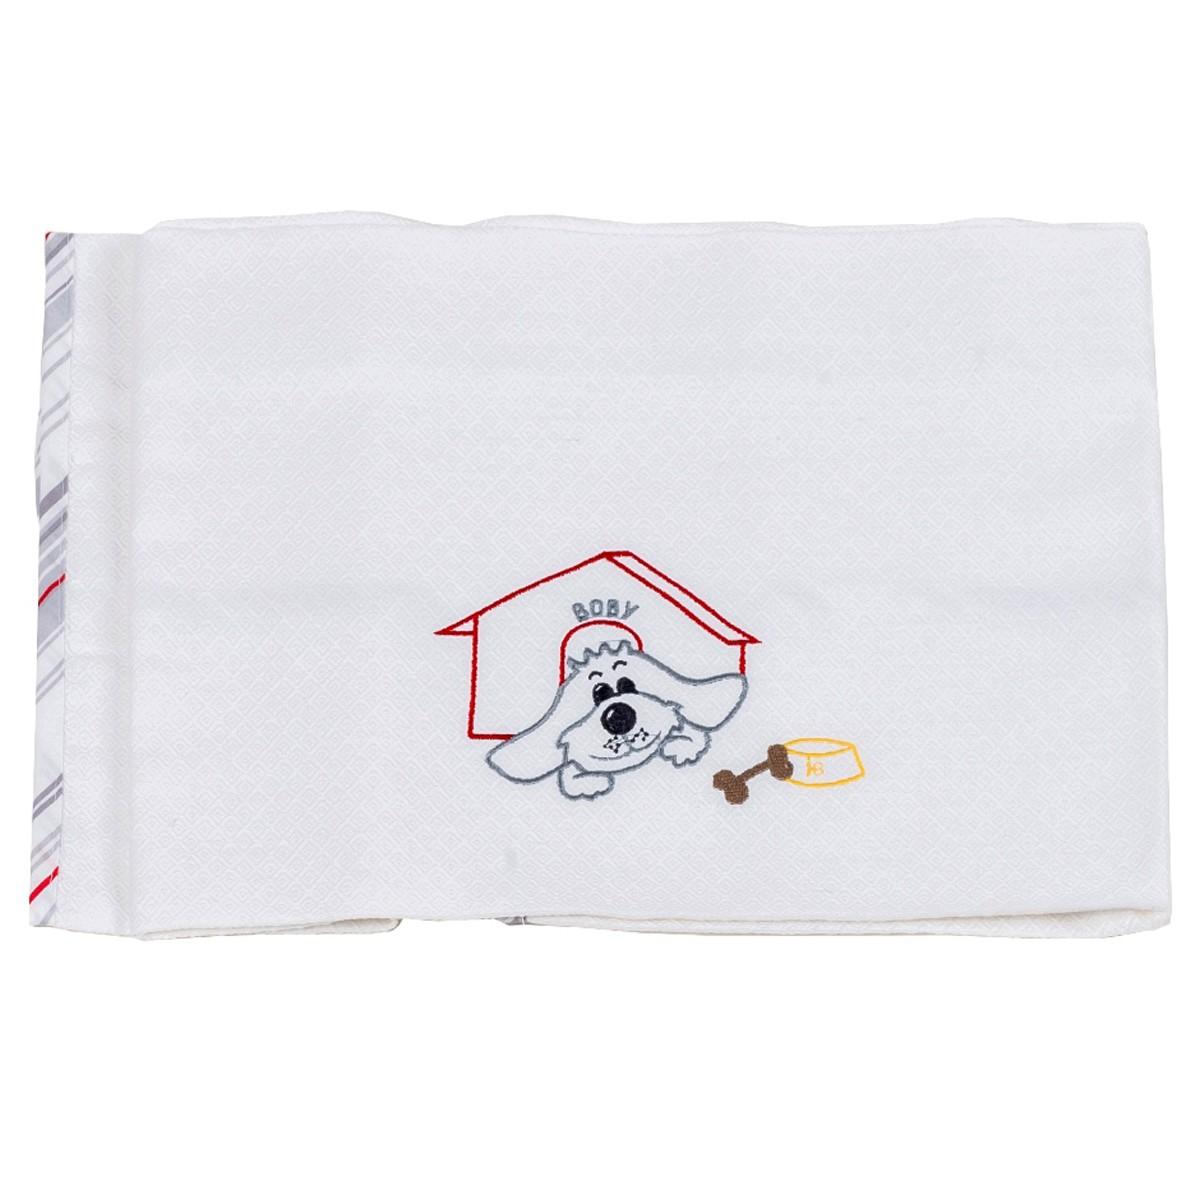 Κουβέρτα Πικέ Αγκαλιάς Κόσμος Του Μωρού Boby 0302 Γκρι